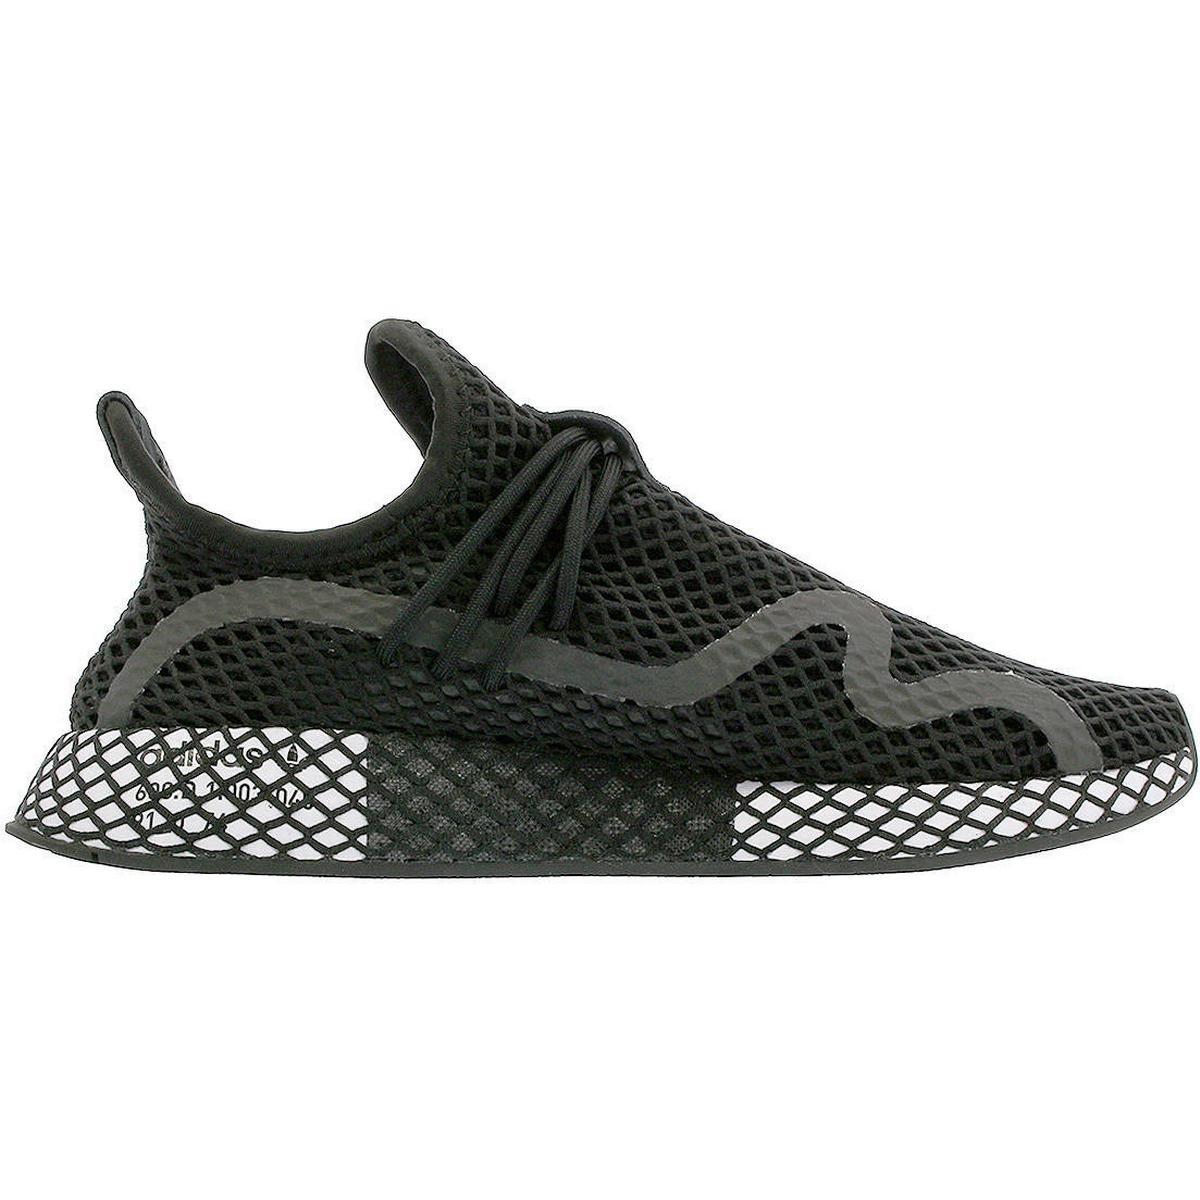 Deerupt Runner Sneakers In Black Cq2626